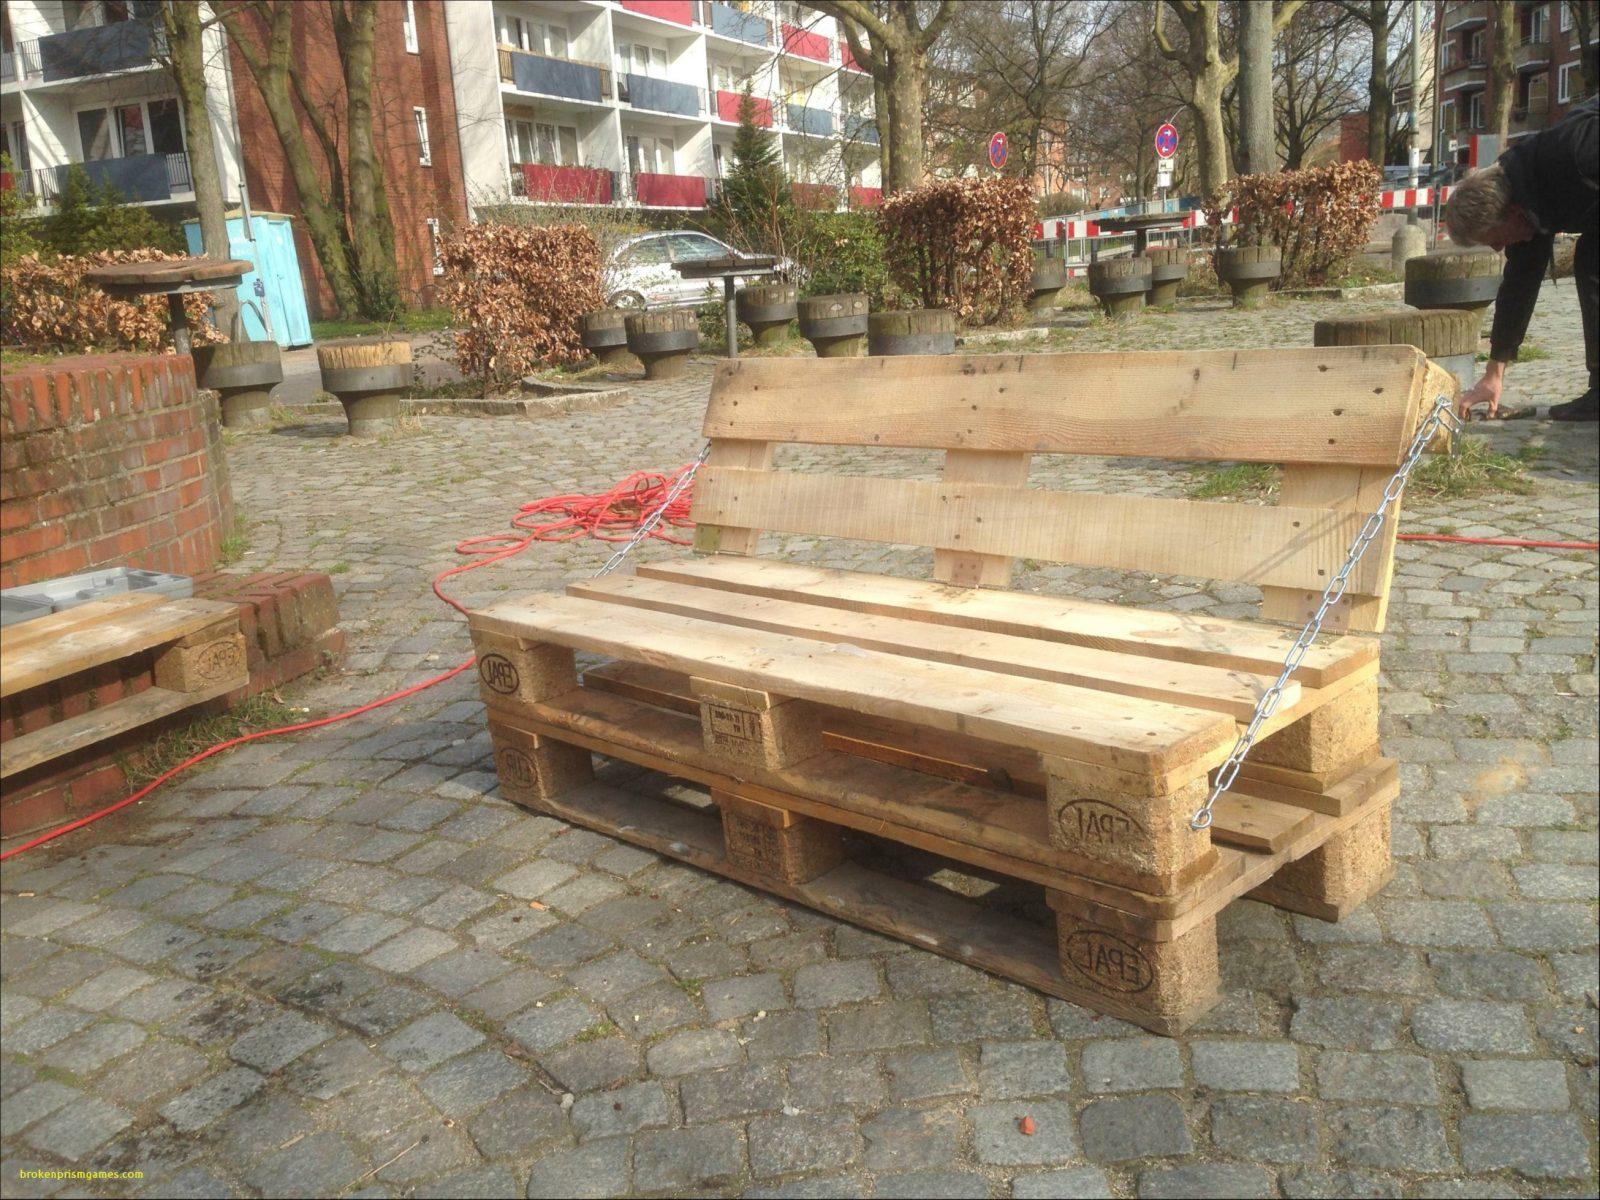 Lounge Möbel Selber Bauen Für Planen Gartenmöbel Selber Bauen Lounge von Lounge Möbel Selber Bauen Bild